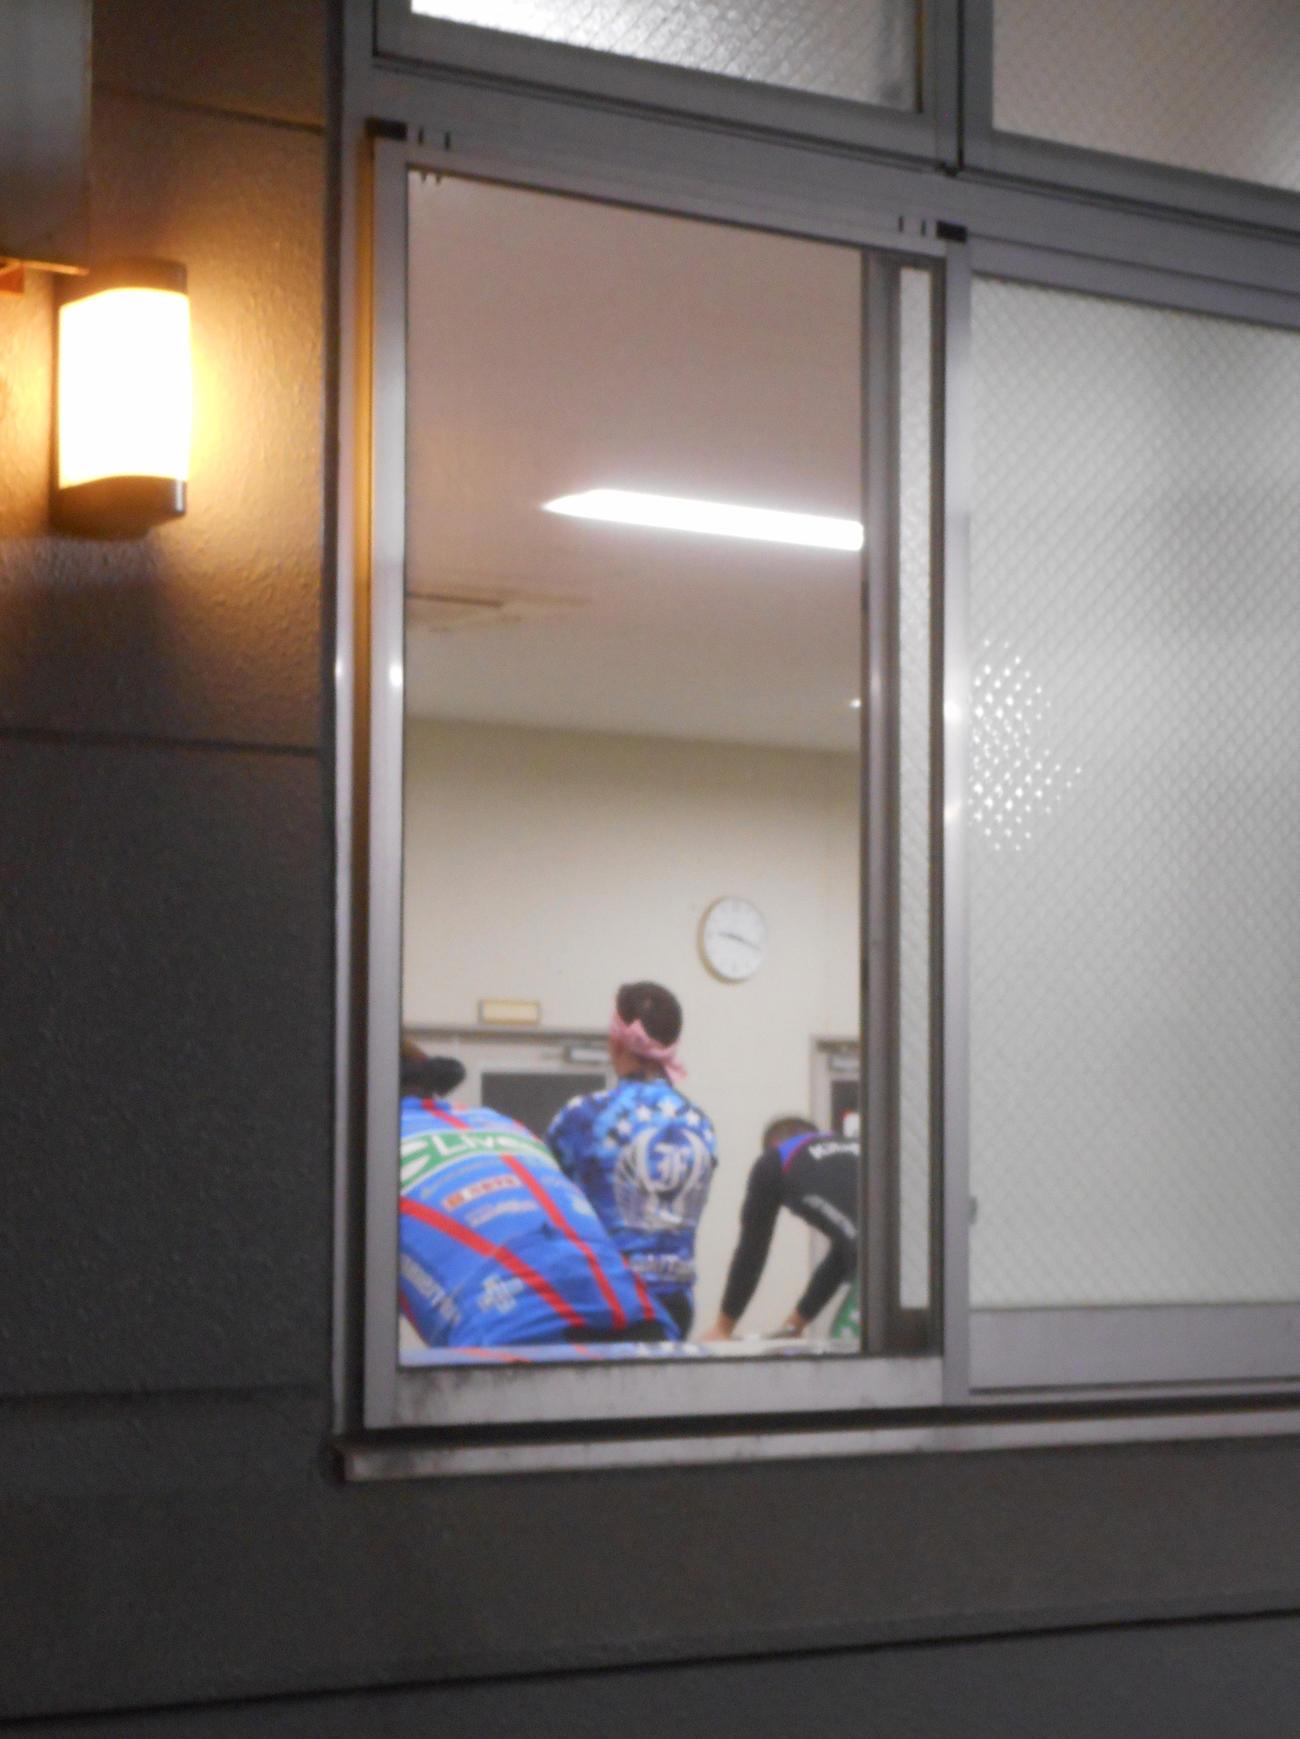 普段は閉じられているローラー室の窓が、新型コロナウイルス対策で開けられていた(撮影・岡田晋)